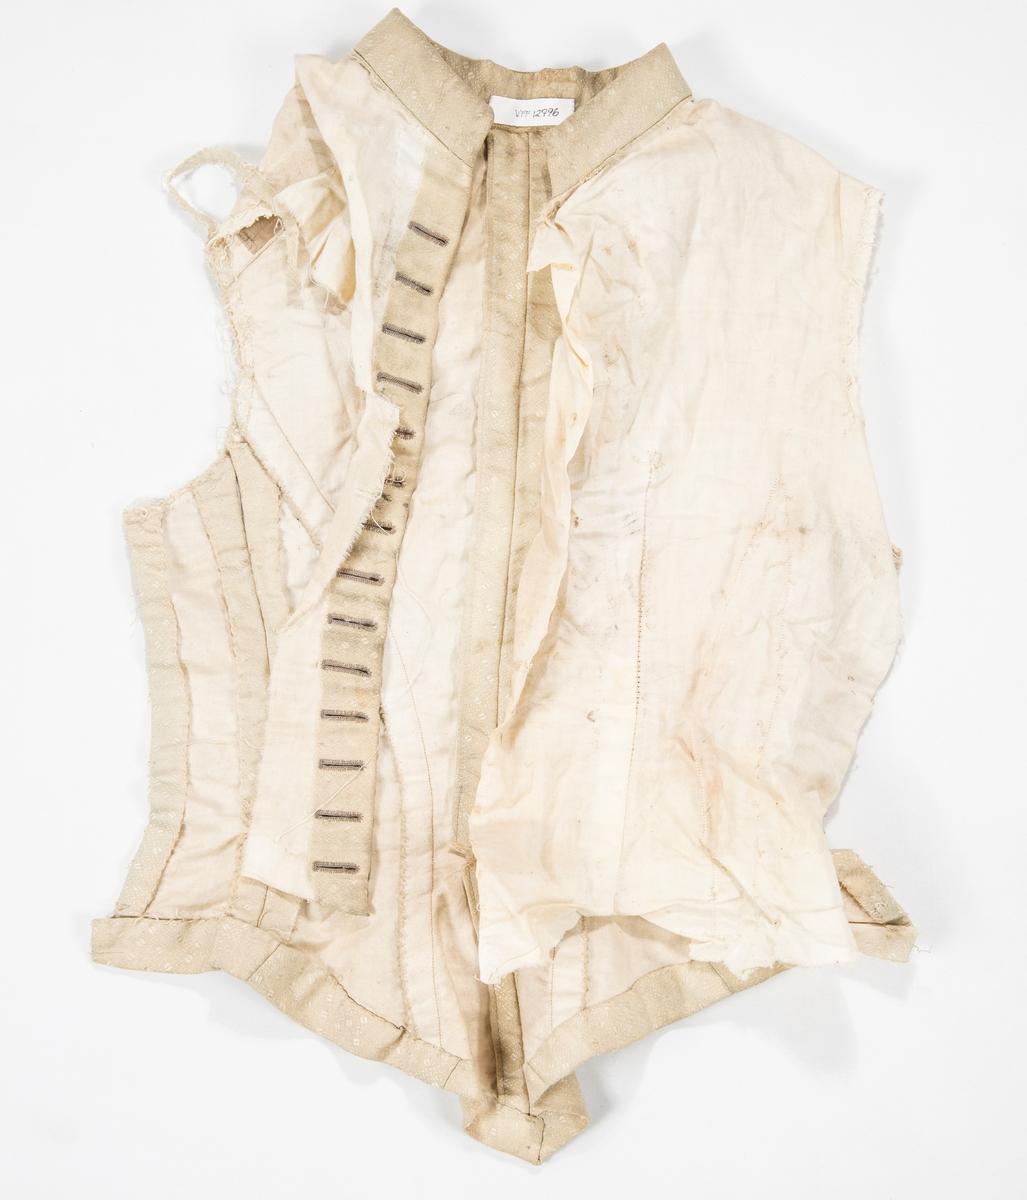 Del av kjoleliv i beige jacquardvove halvsilke, fòr i ubleika bomull.  Knapping midt framme, 14 knappehol, ingen knappar. Ståkrage. Saum midt bak og to svinga ryggsaumar på kvar side.